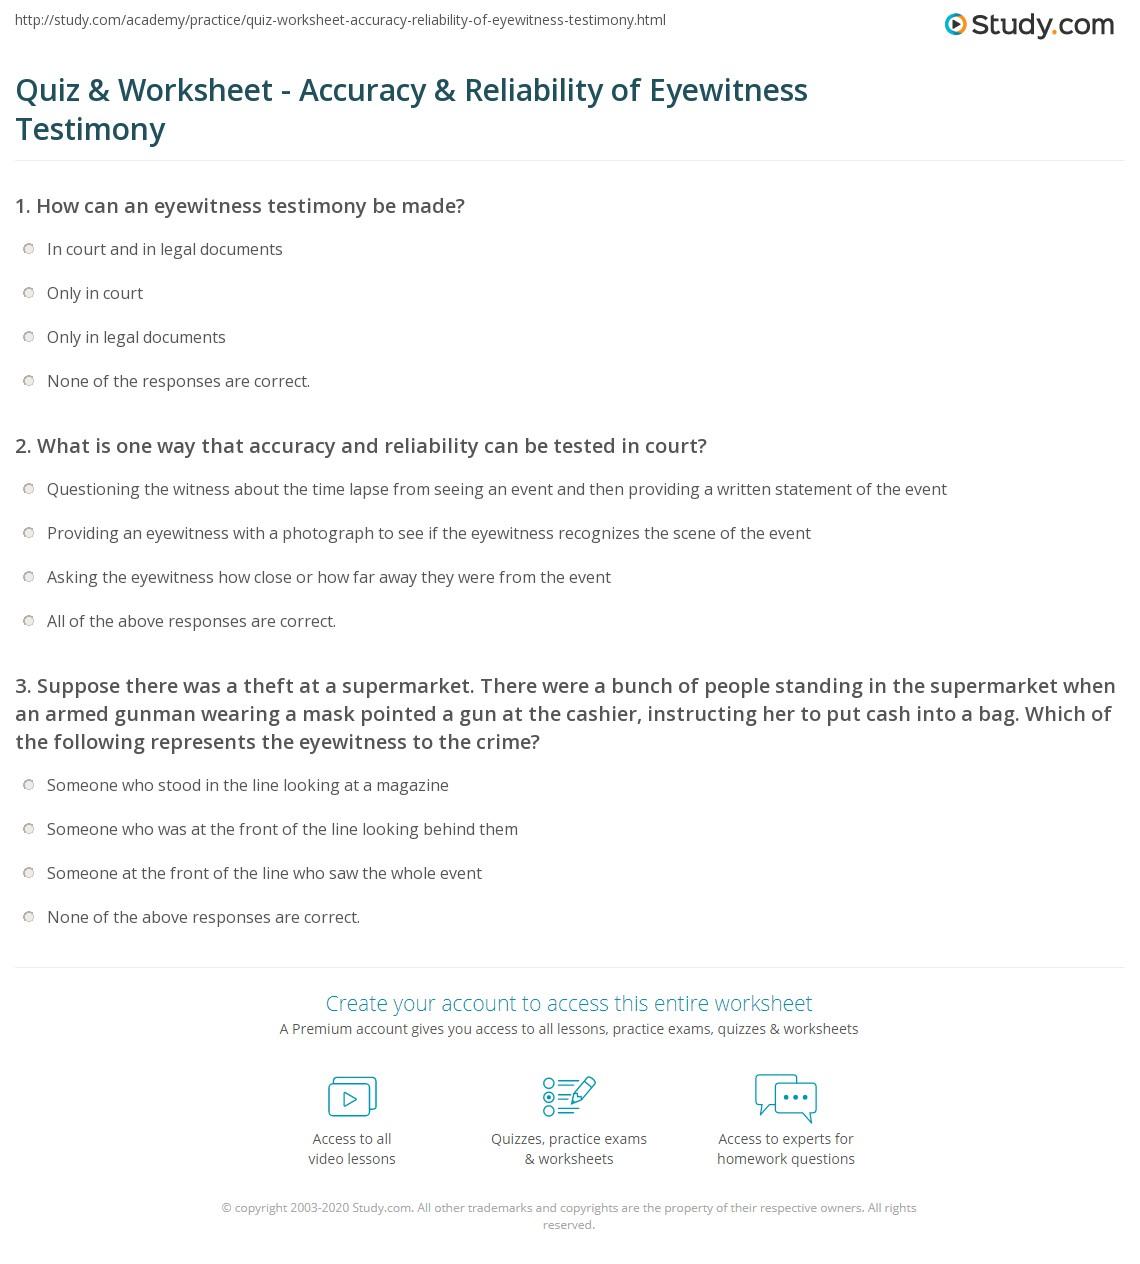 Quiz Worksheet Accuracy Reliability Of Eyewitness Testimony